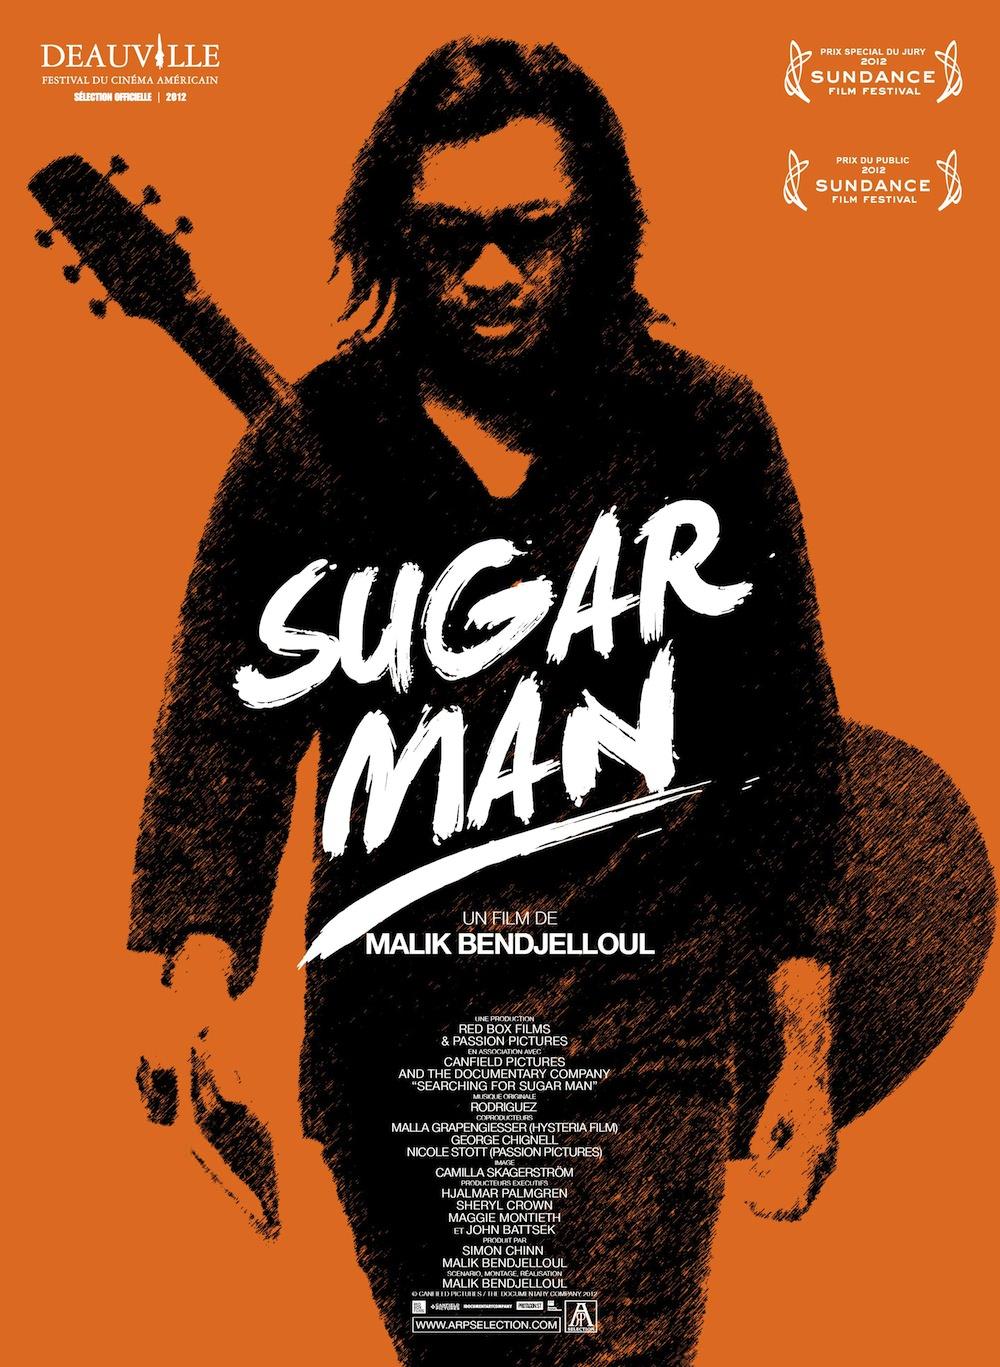 Sugar man bendjelloul